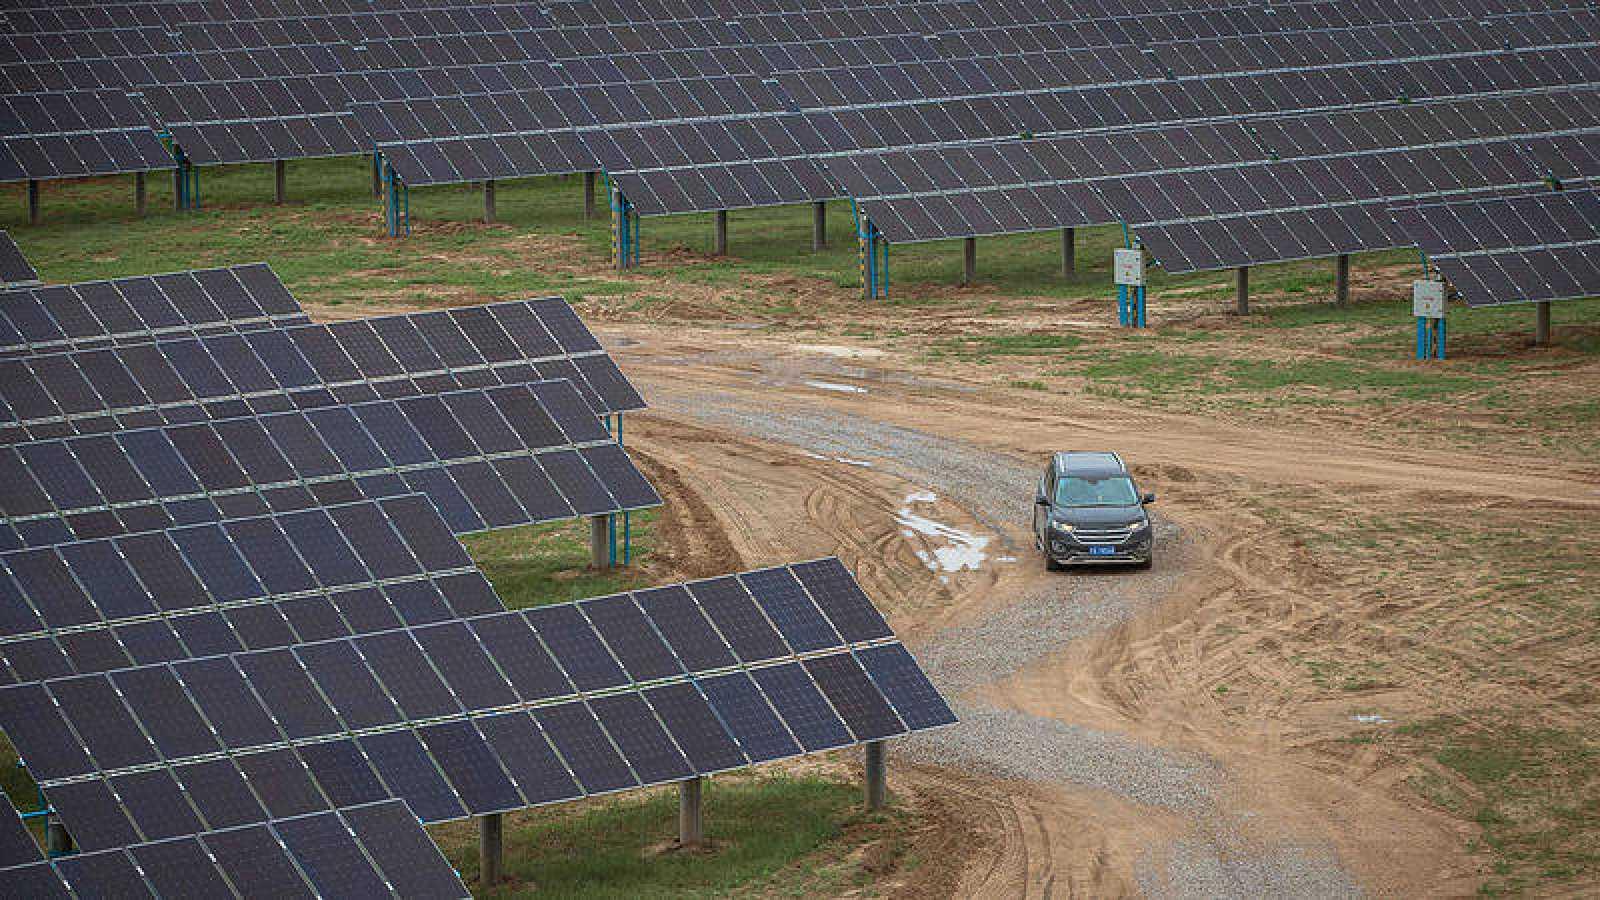 El Supremo avala el 'impuesto  al sol' que aprobó el Gobierno en 2015